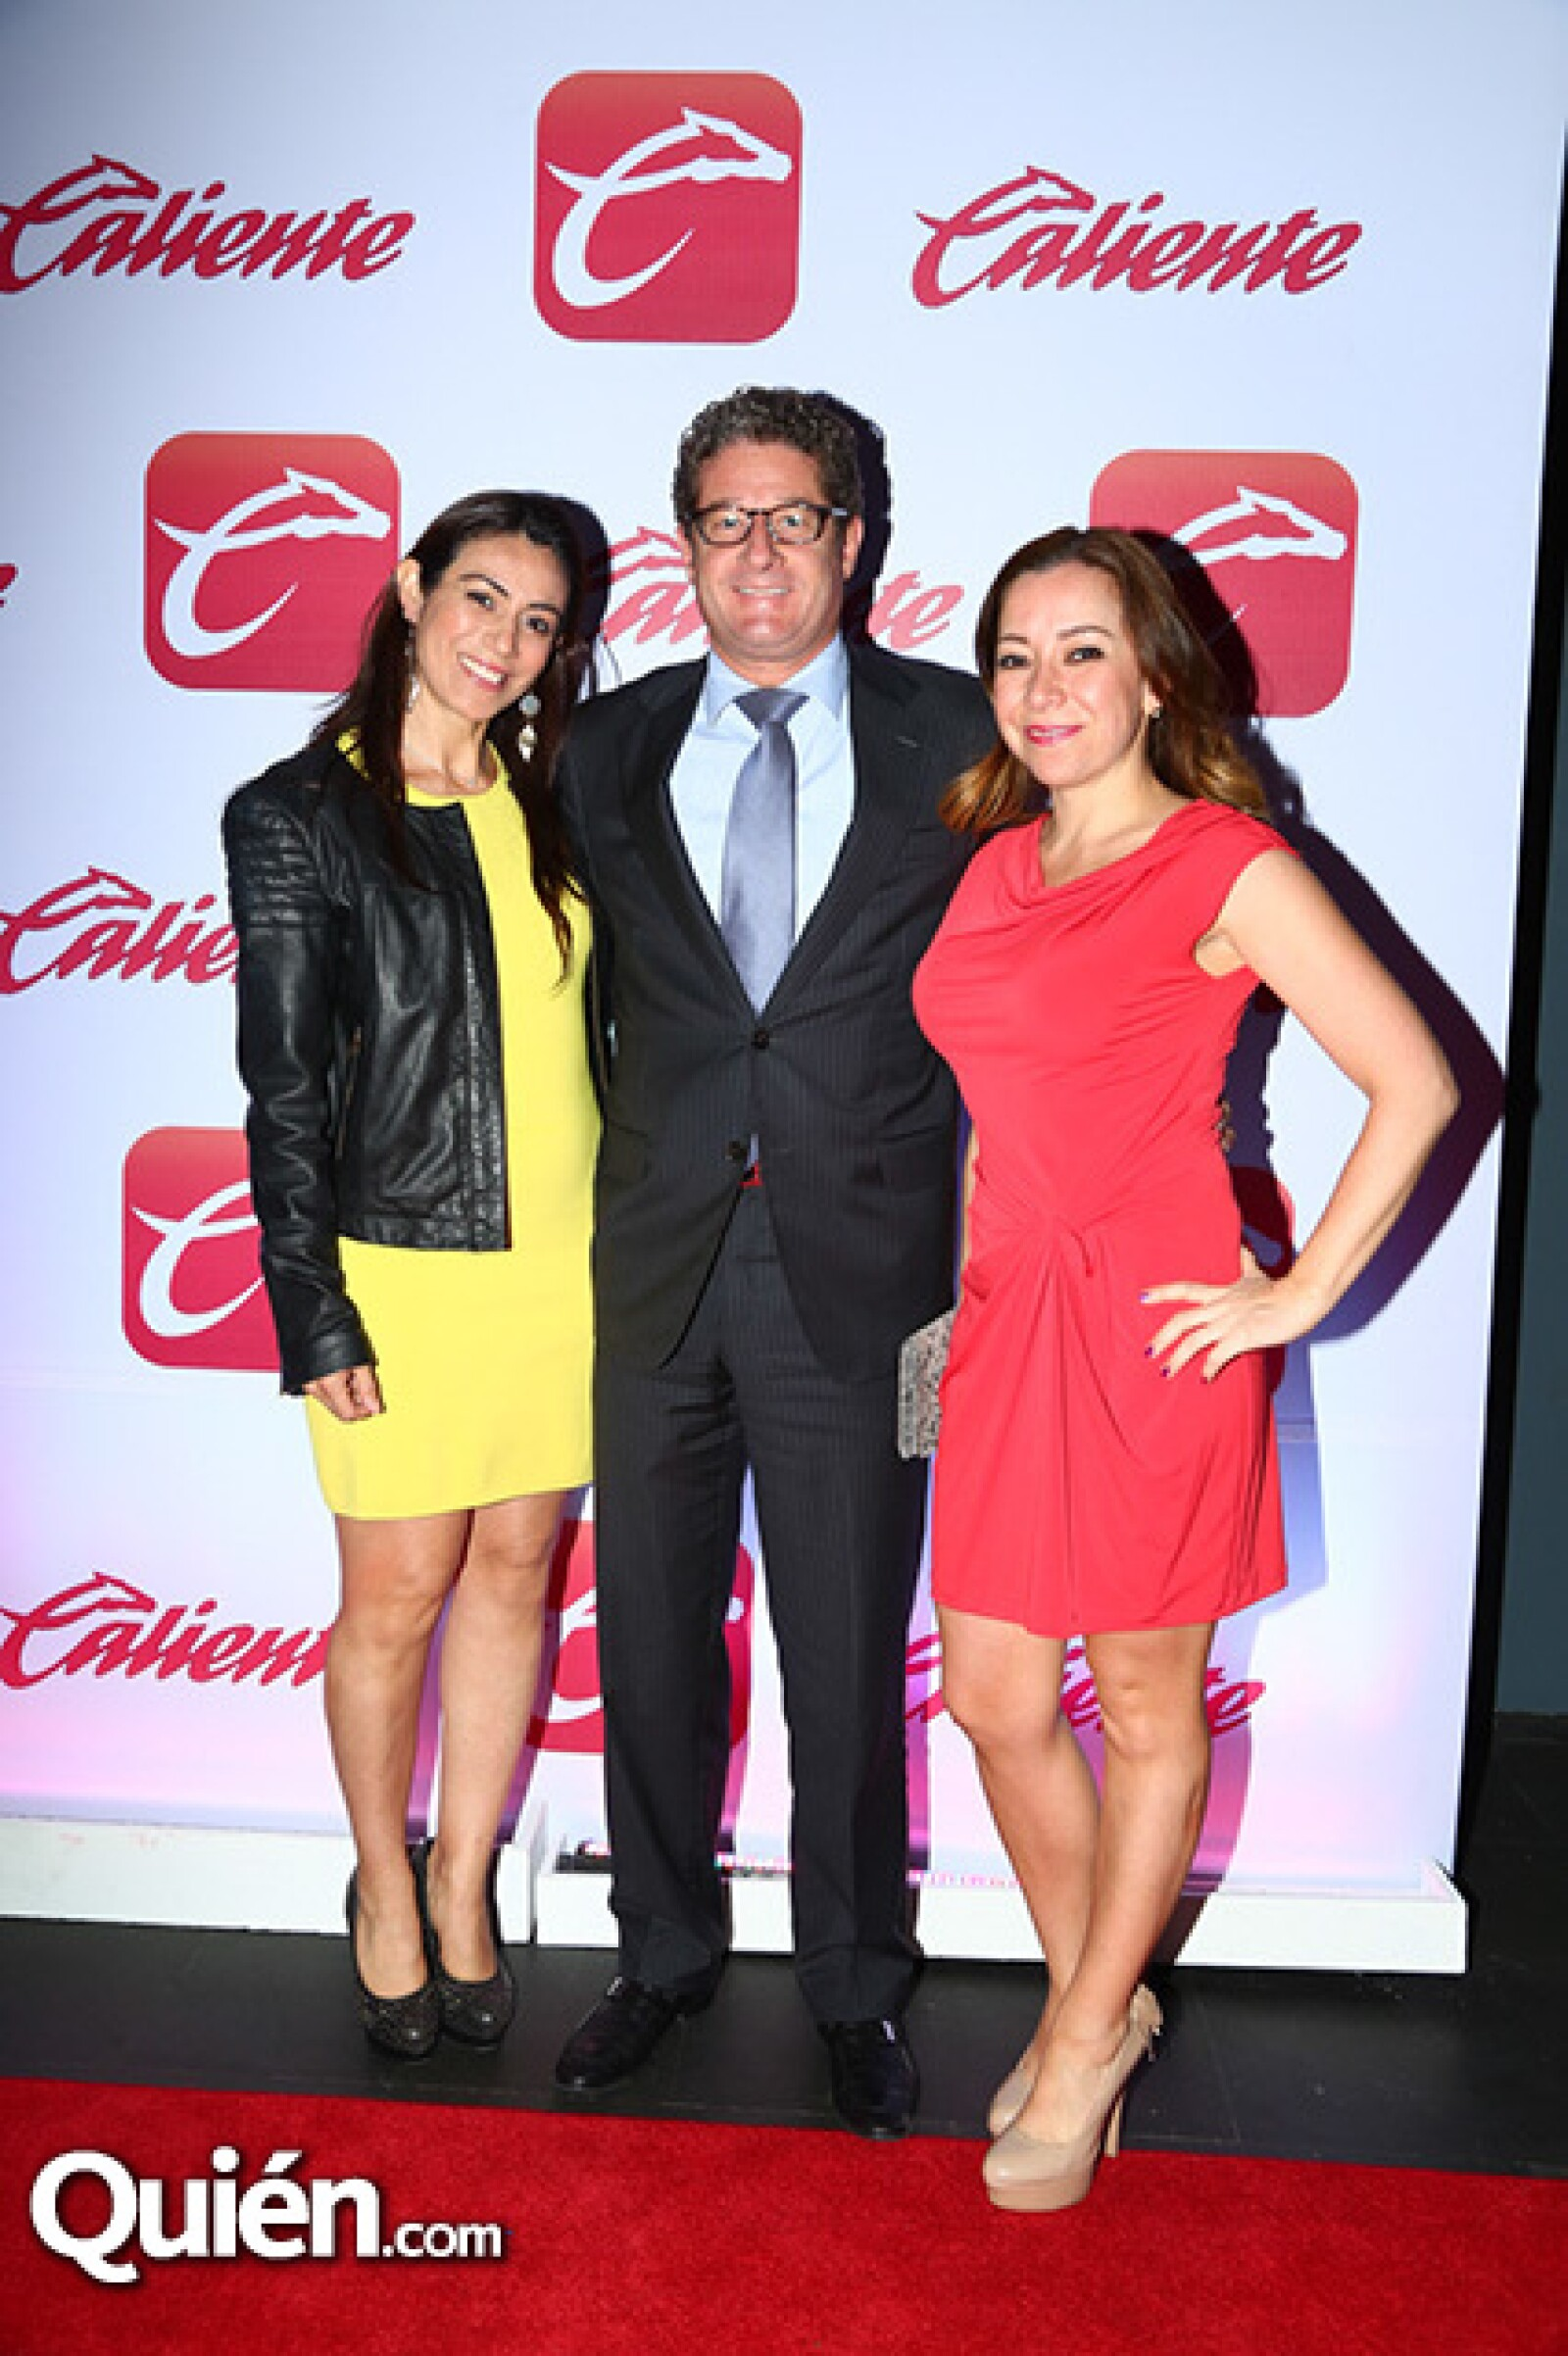 María Aguirre, Fermín Enecoiz y Vanessa González